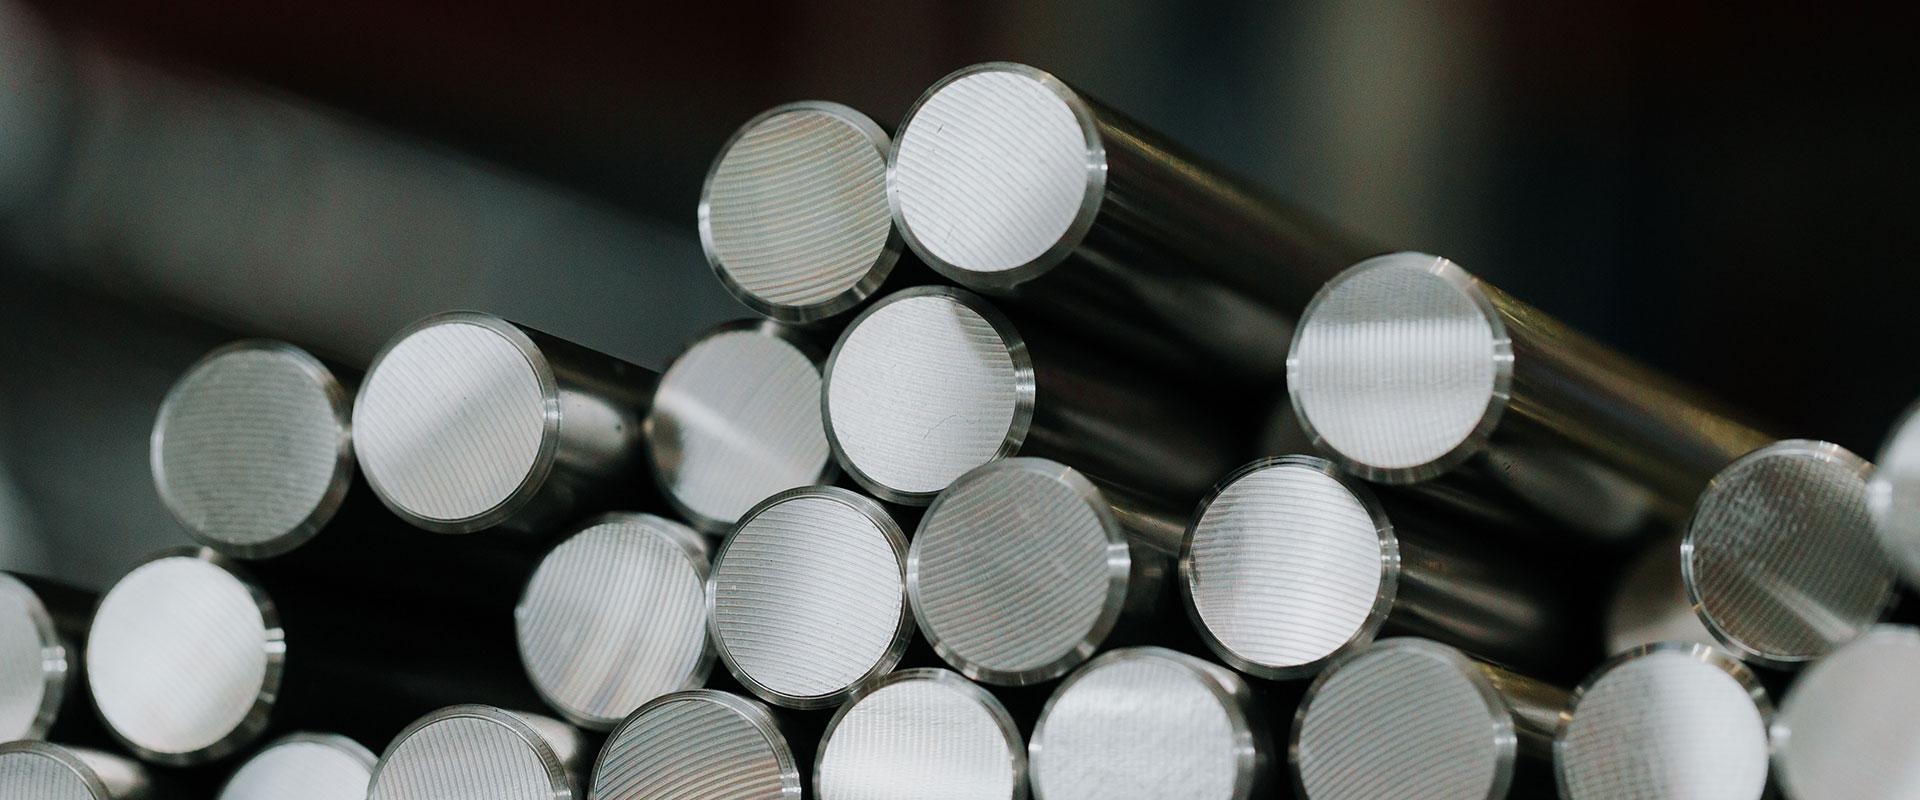 barre inox - tecnoacciai vendita acciaio inox, siderurgica, acciai per industria meccanica, impiantistica